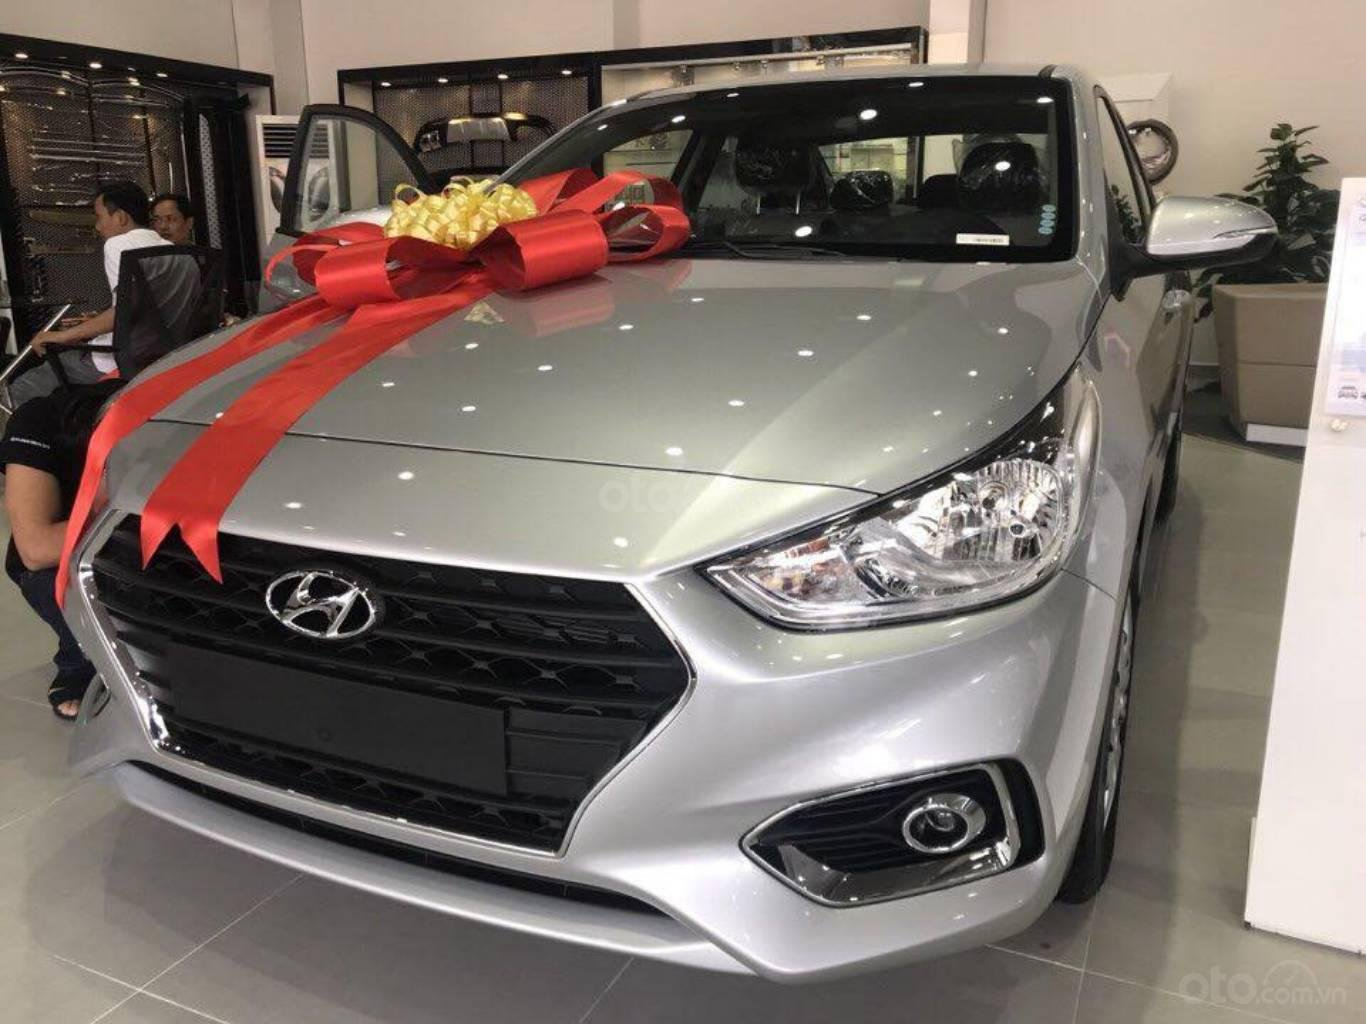 Hyundai Accent chuyên chạy taxi - grab - giá rẻ - giao ngay- chỉ 125tr nhận xe - LH 0909862412-0